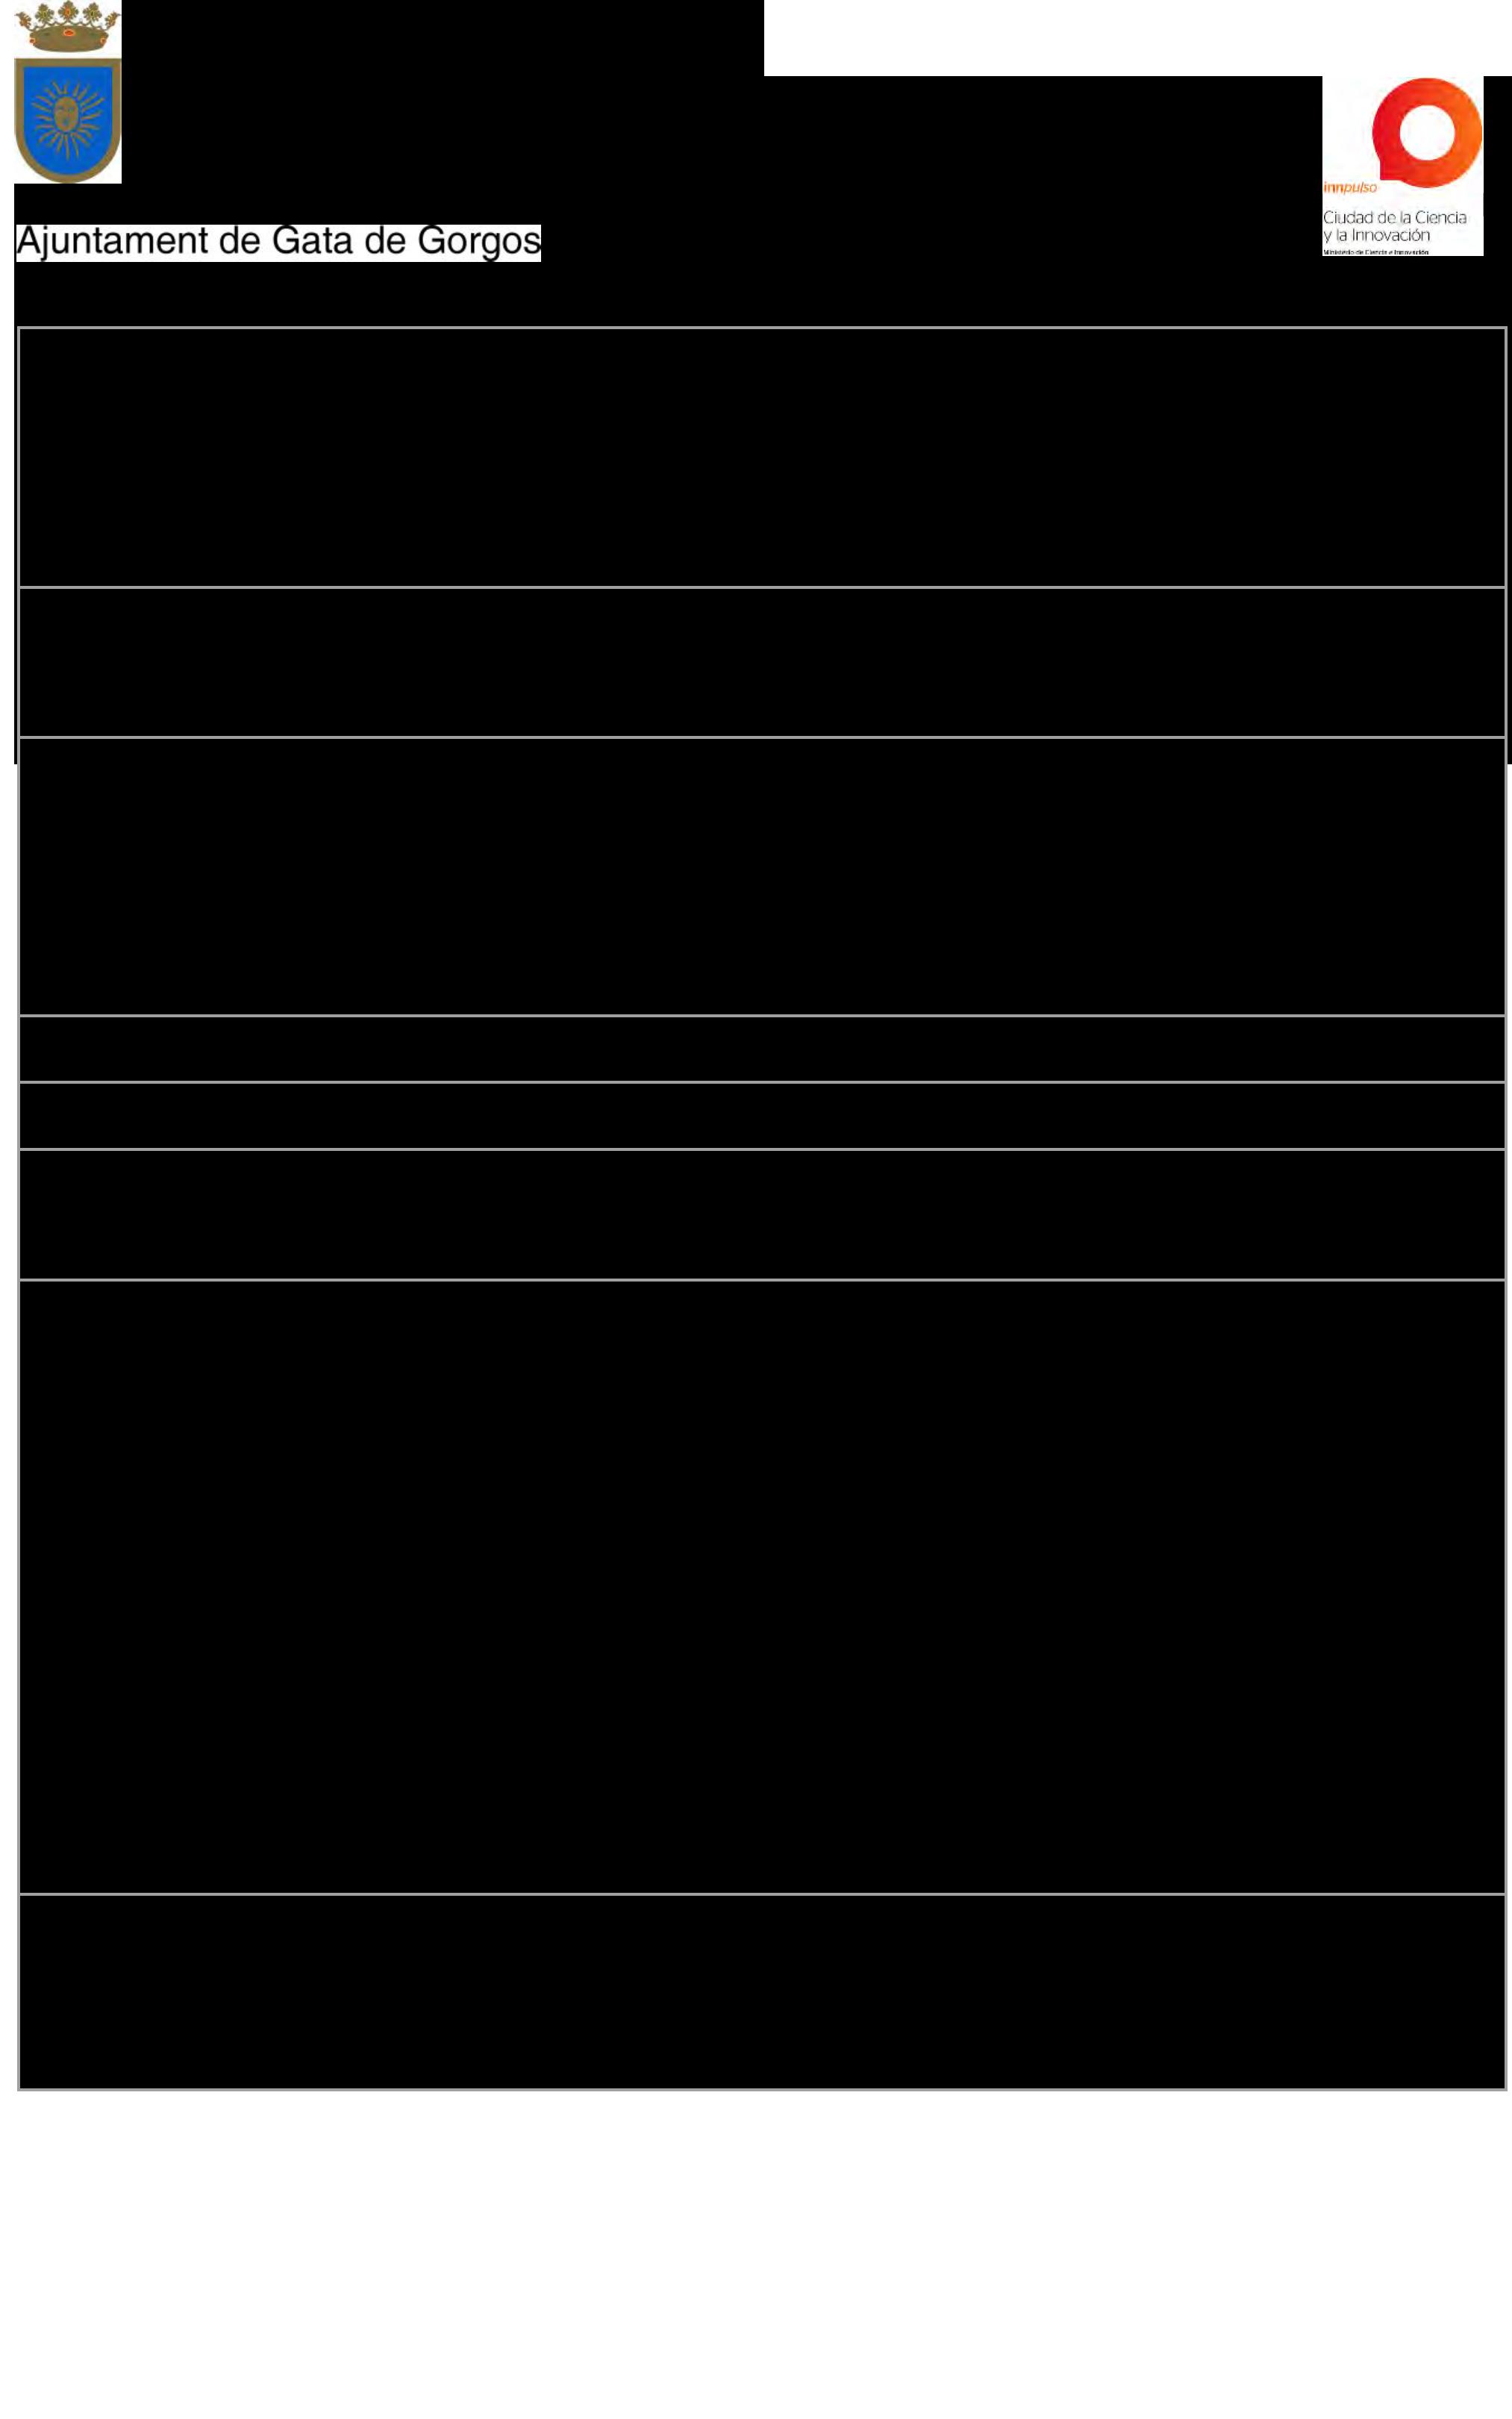 Impreso Declaración Responsable Segunda Ocupación - Gata de Gorgos 5